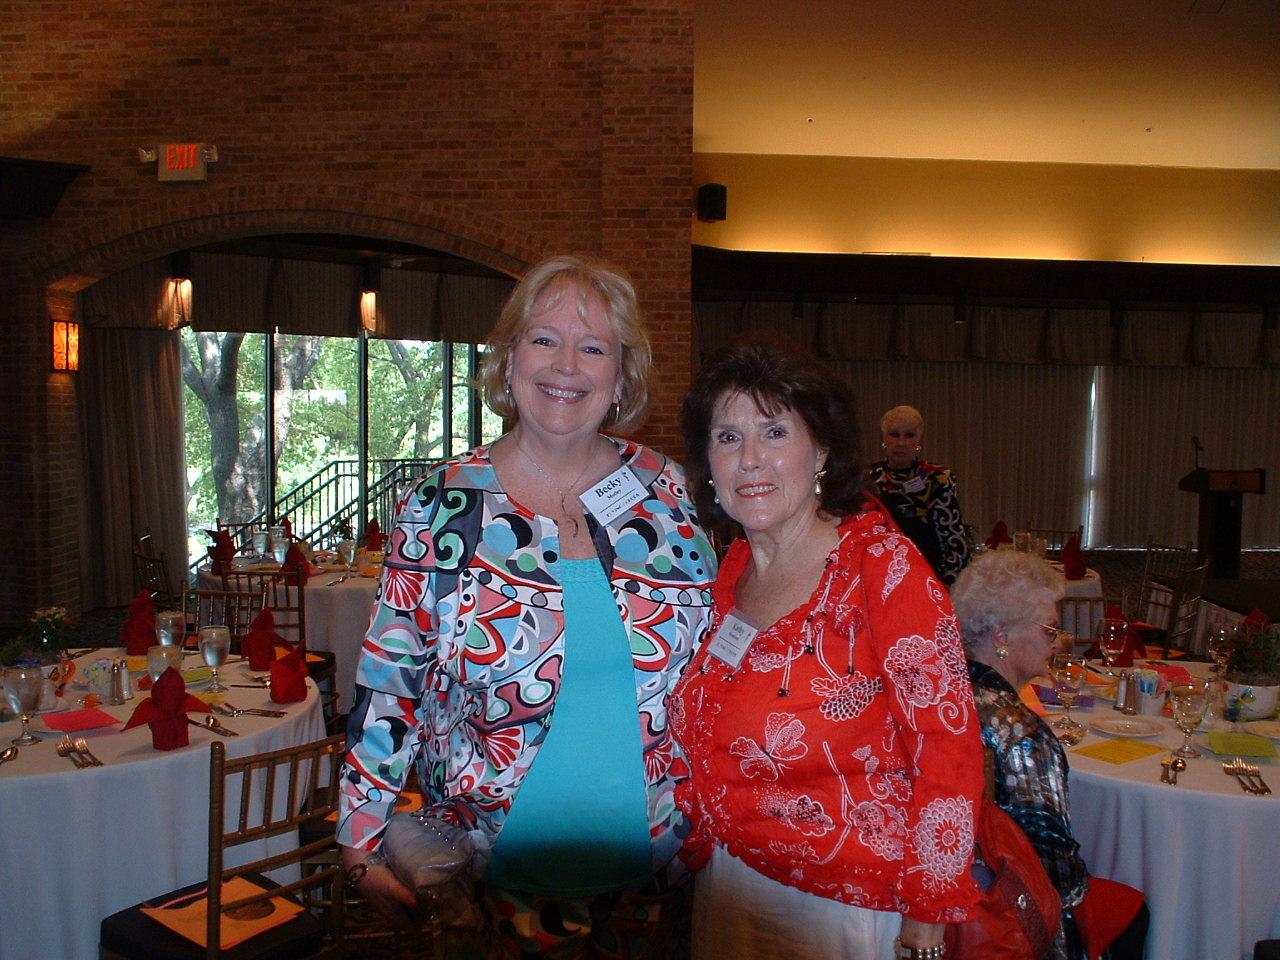 Becky Motley & Kathy Woodson